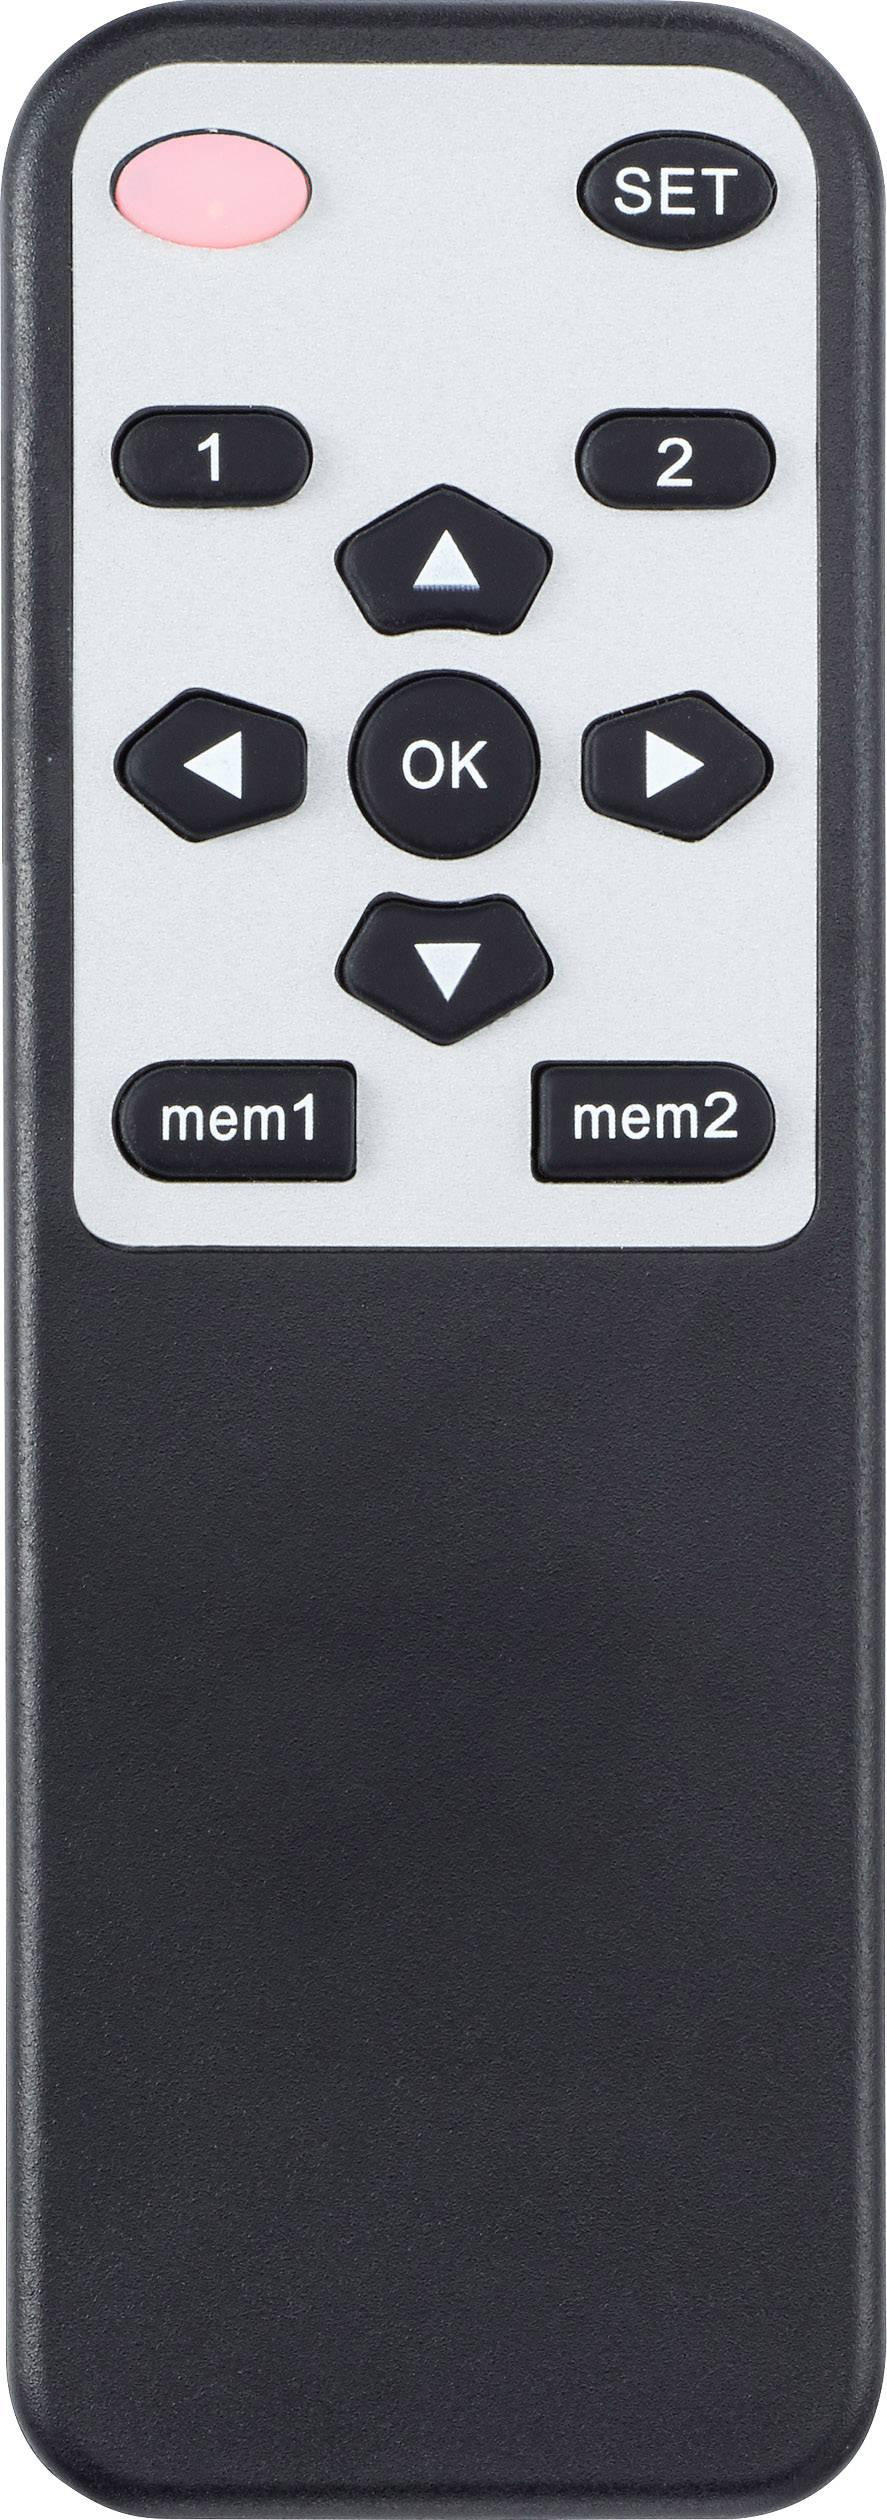 """Elektrický TV stropní držák SpeaKa Professional 23-55Z, 58,4 cm (23"""") - 139,7 cm (55"""")"""